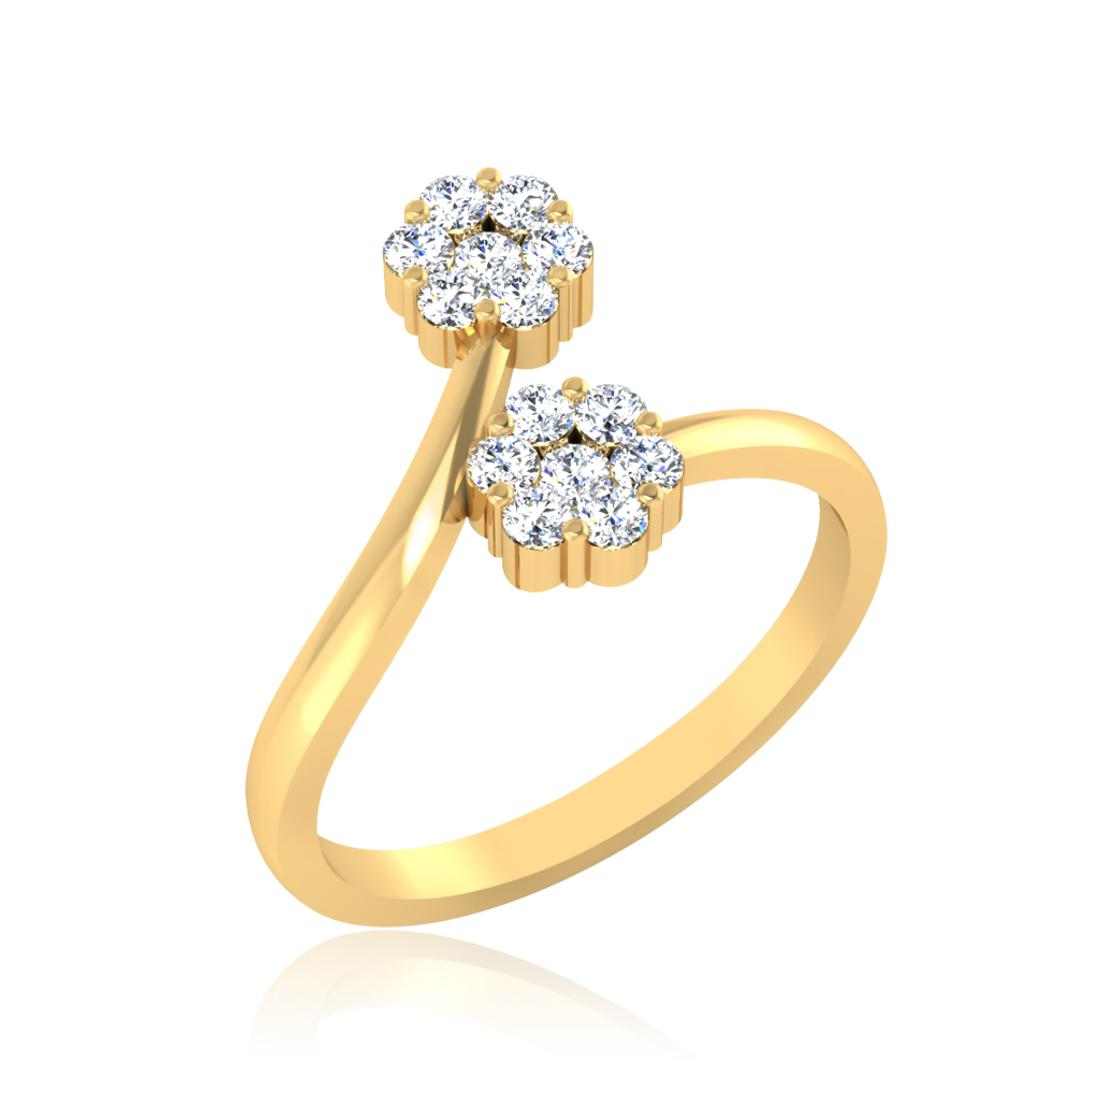 Iski Uski Lovely Floral Ring